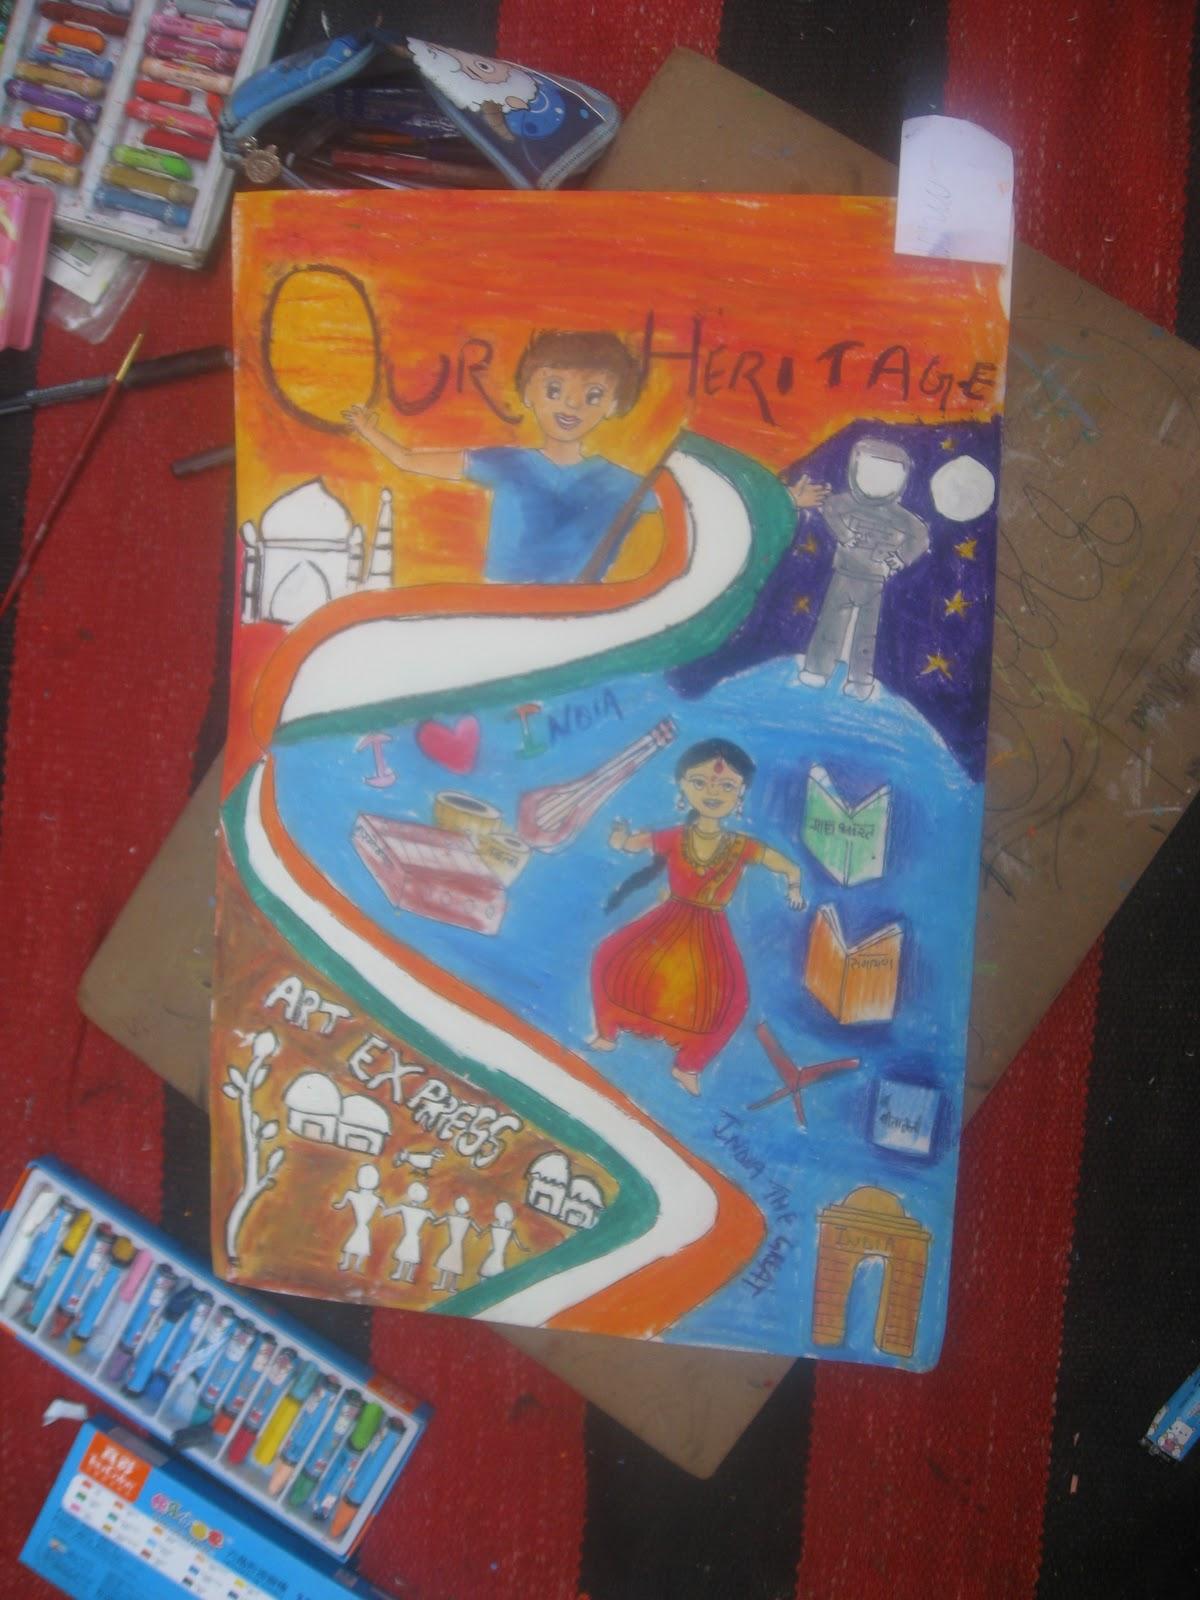 Essay On Heritage Of India India Heritage Drawing Painting Chart Poster Essay On Heritage Of India